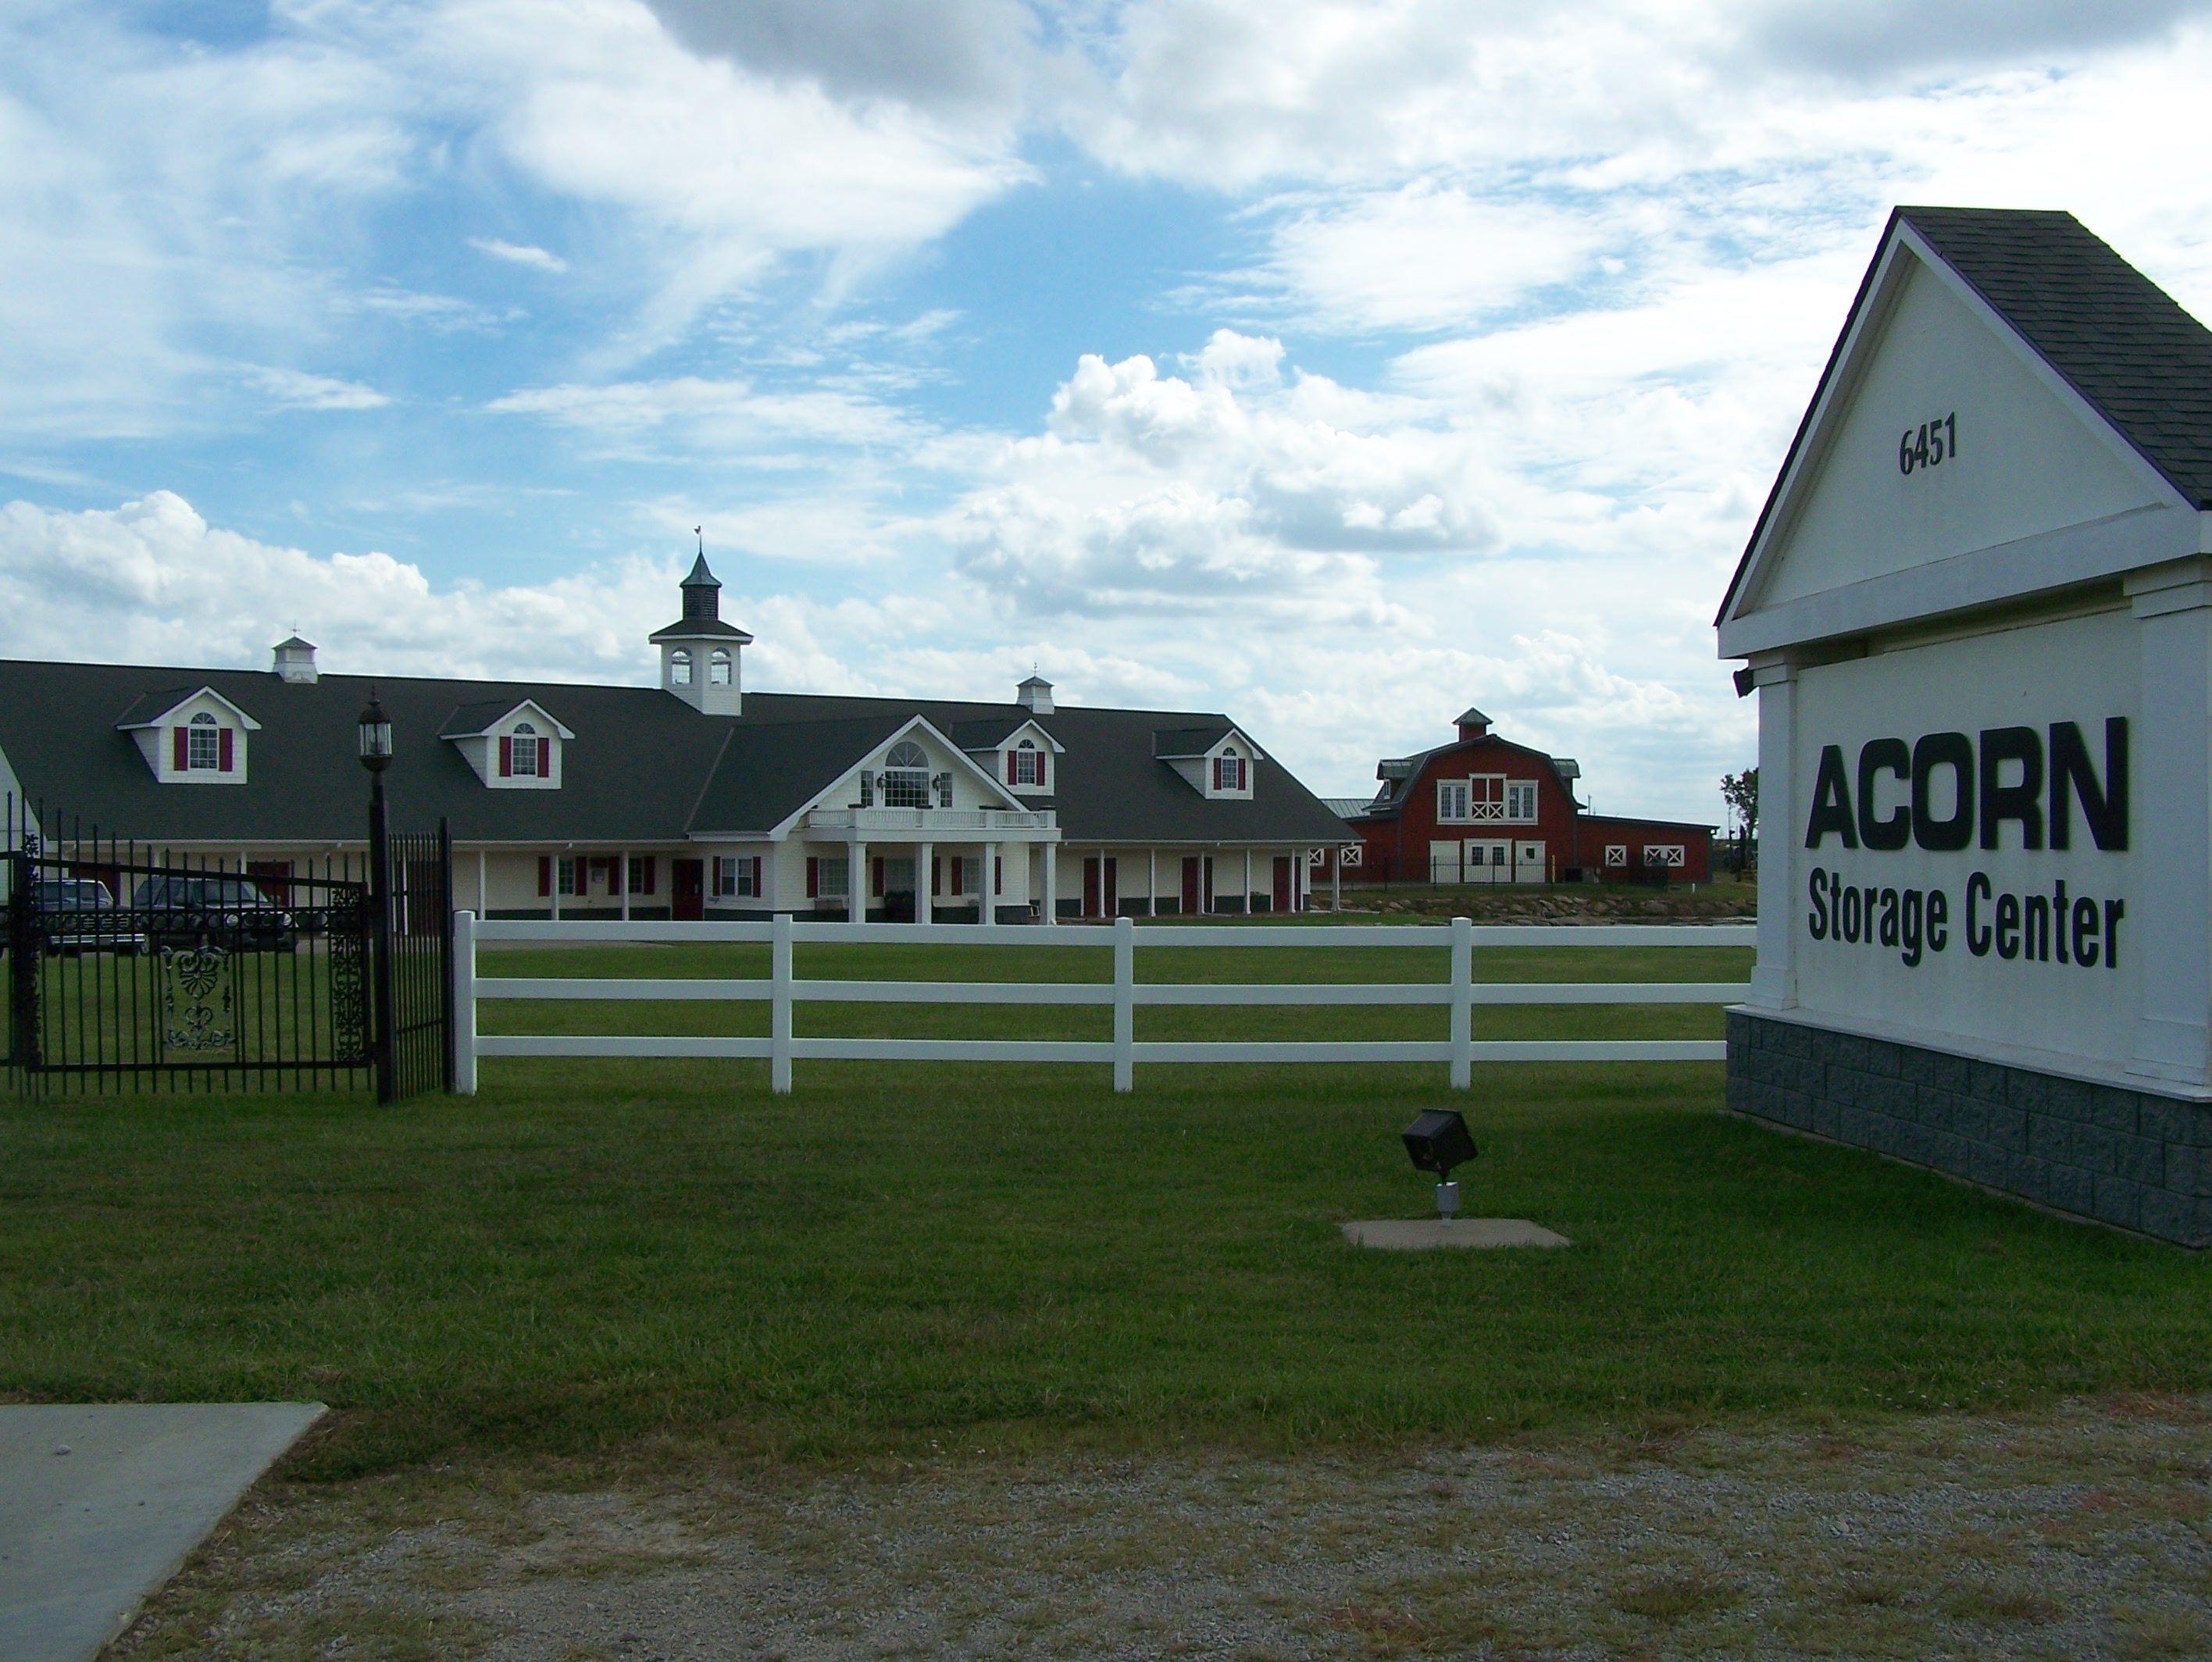 Acorn Storage Center